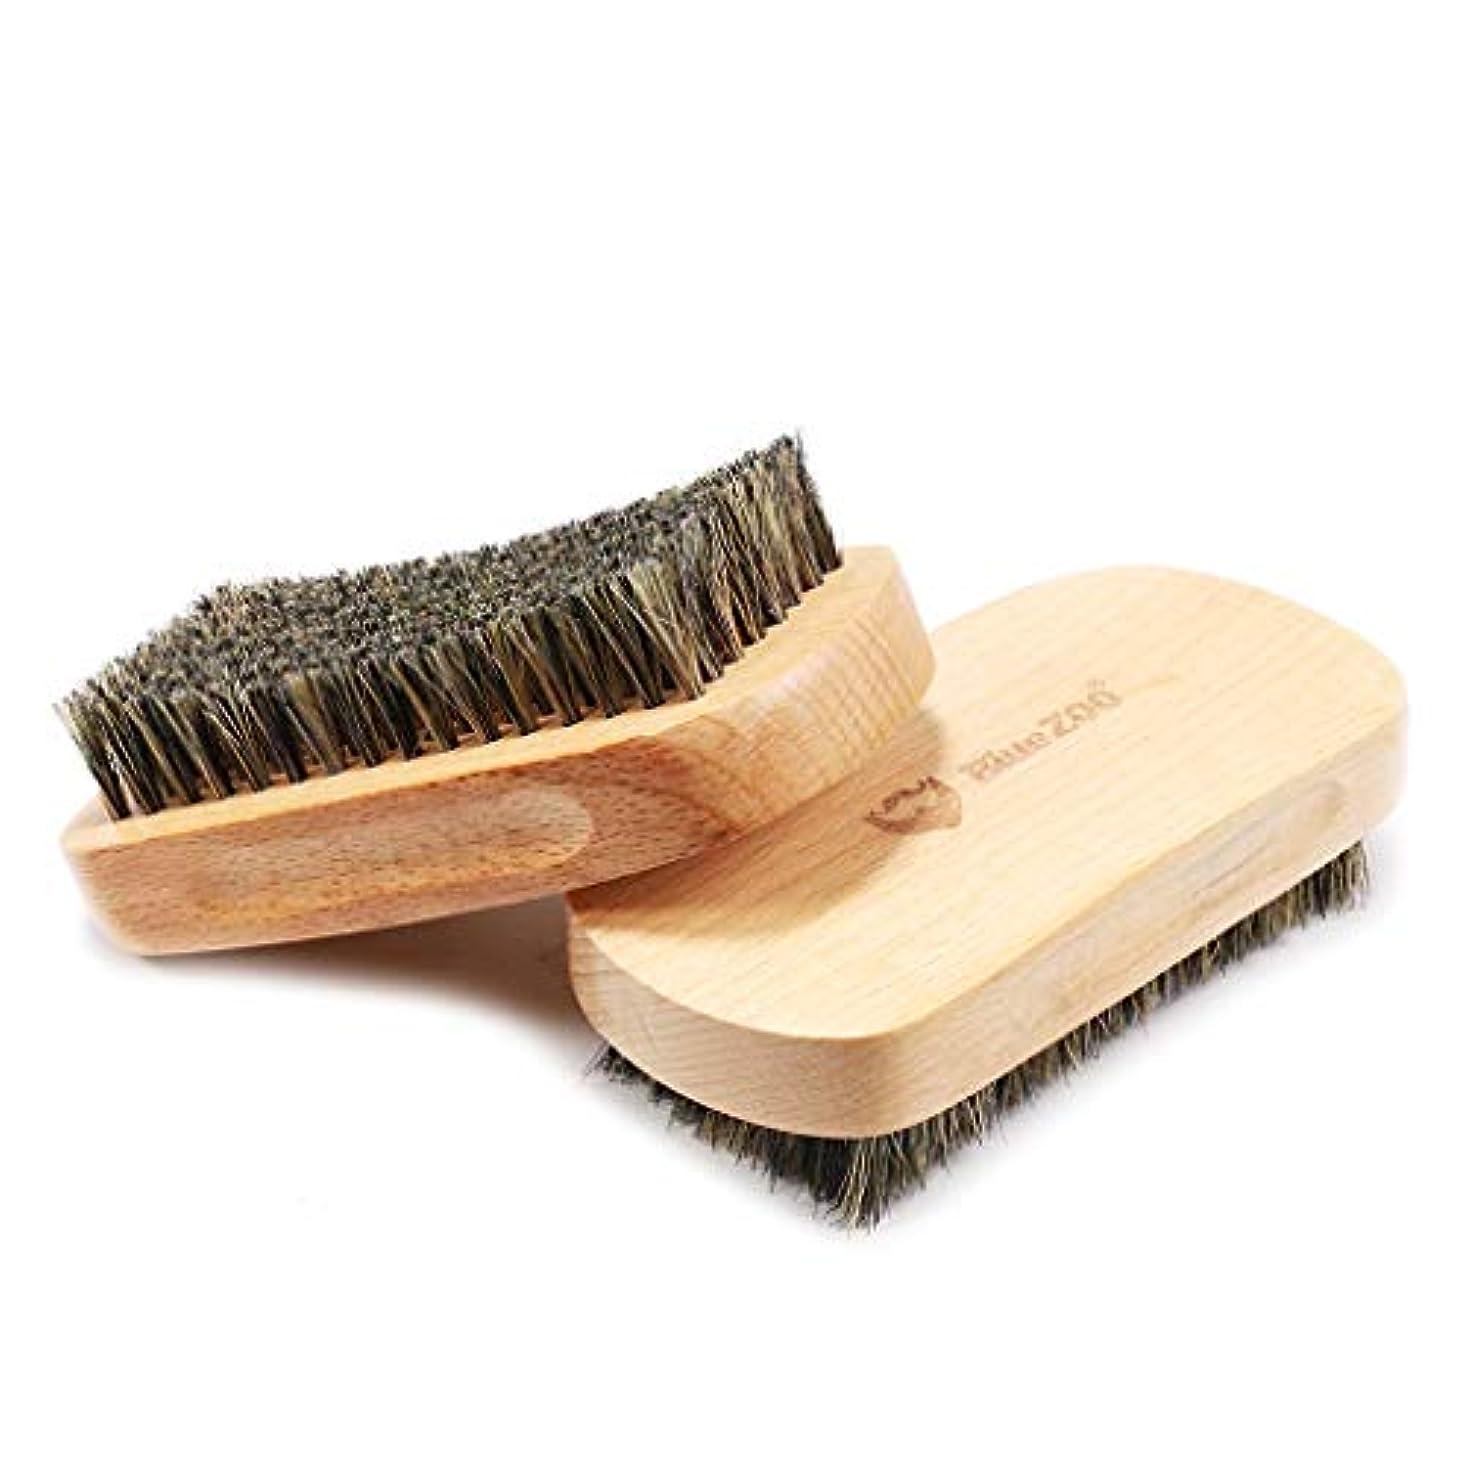 病者難破船短命Hellery シェービングブラシ メンズ 理容 洗顔 髭剃り ひげブラシ 散髪整理 理髪用 首/顔 髭剃り